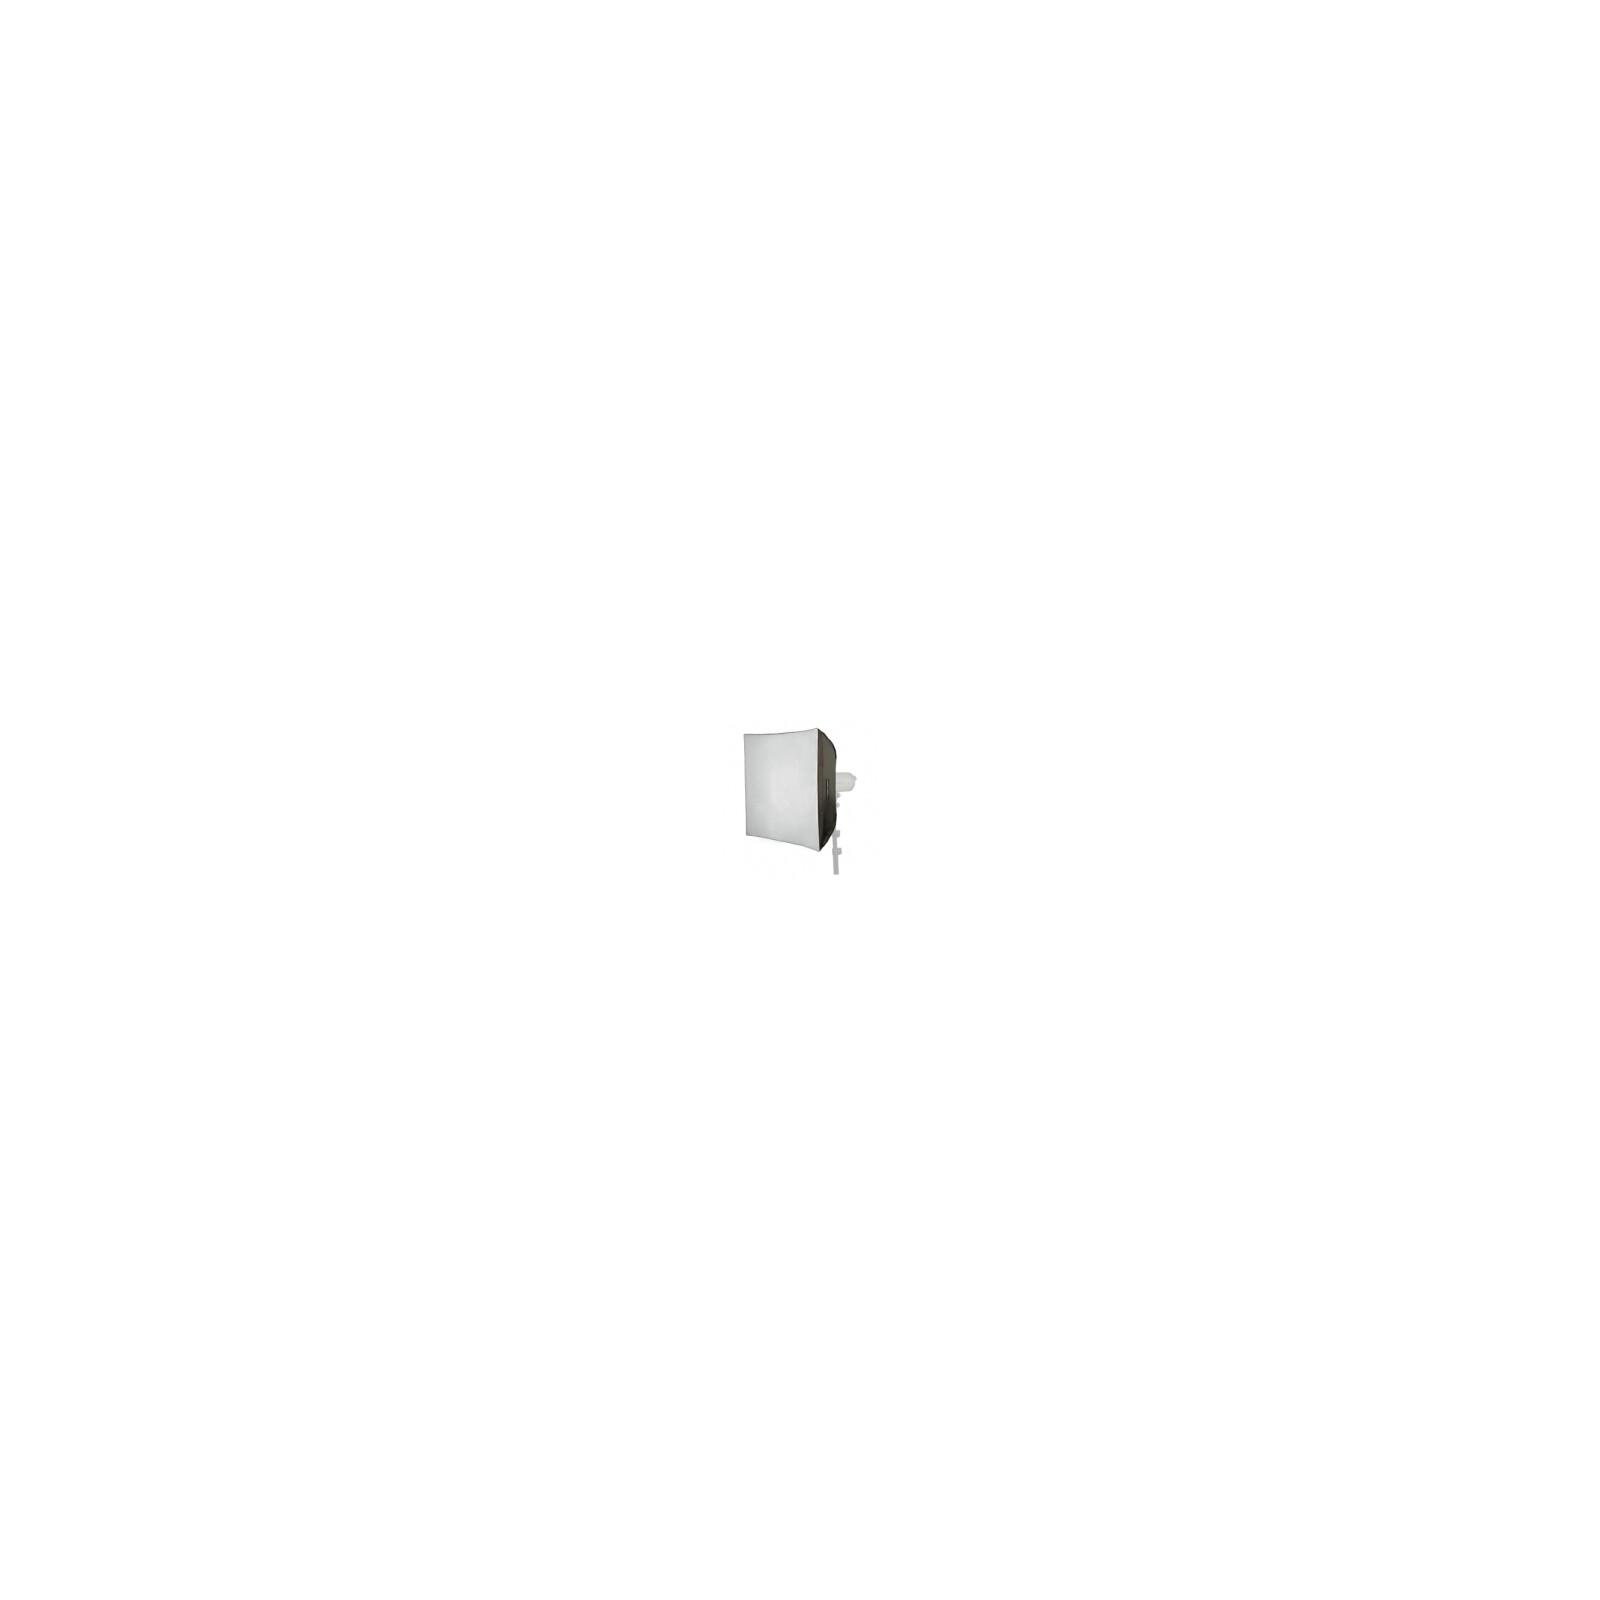 walimex pro Softbox 60x60cm für Balcar